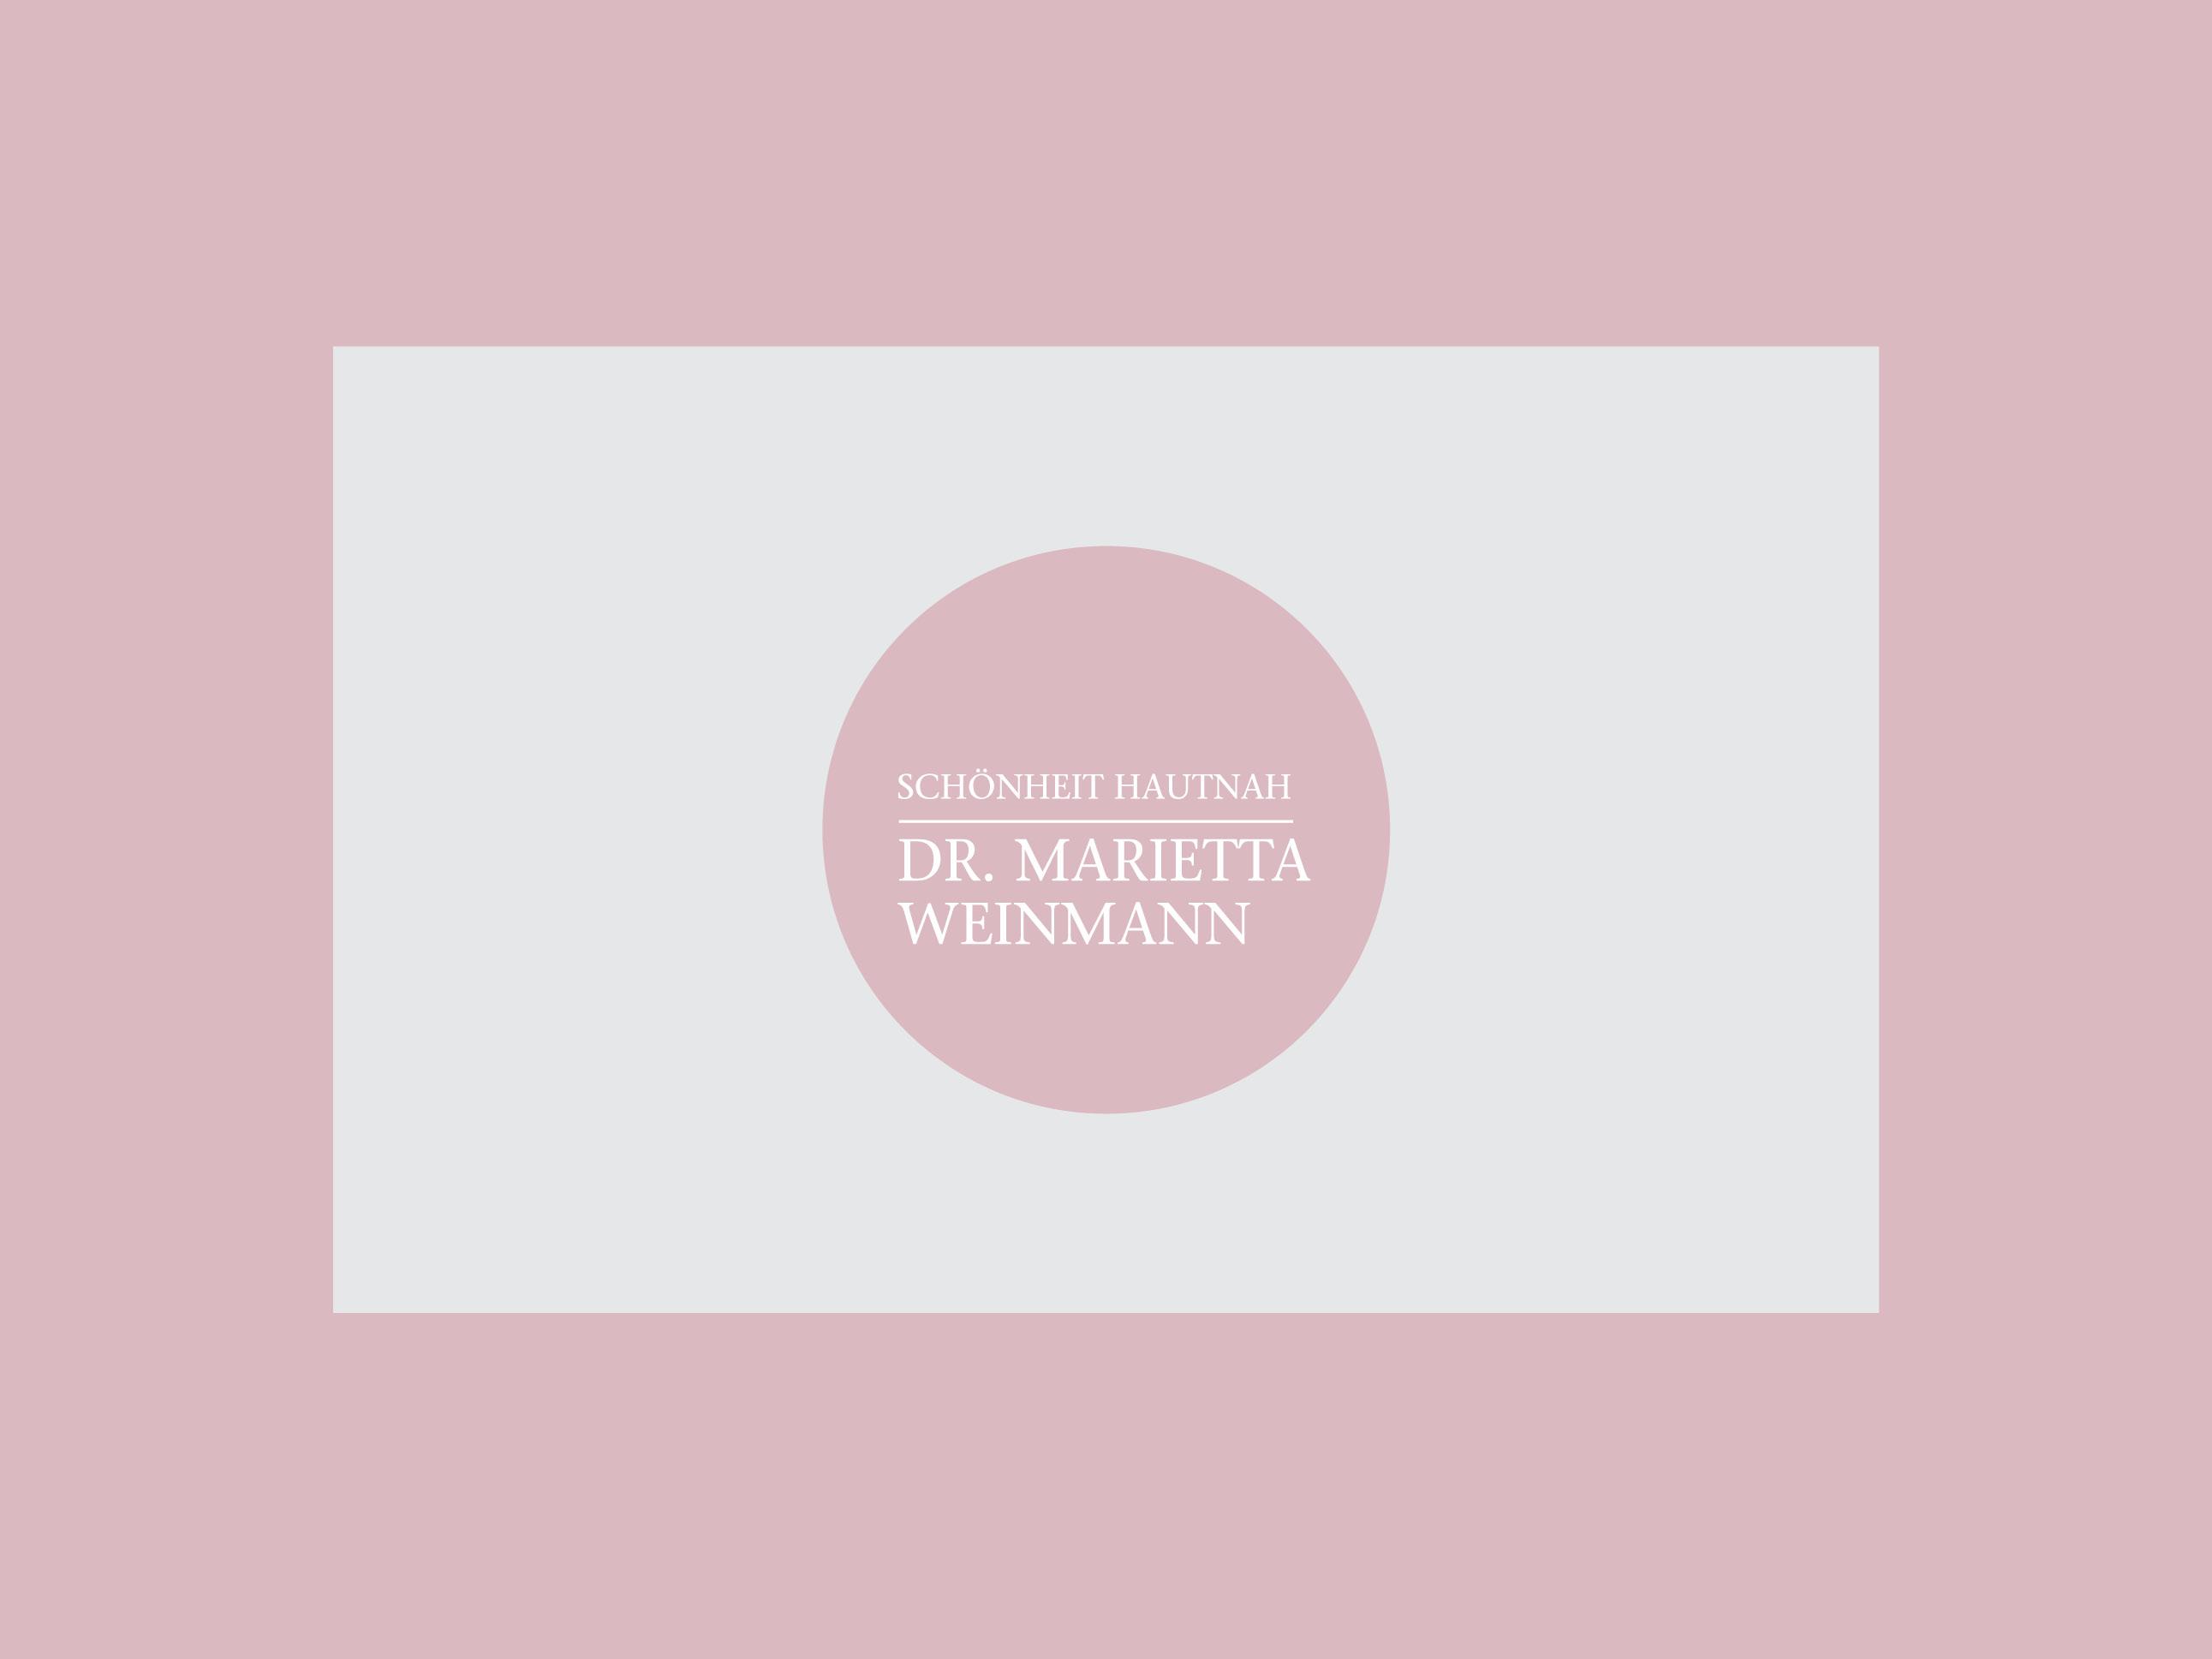 Dr. Weinmann Marietta